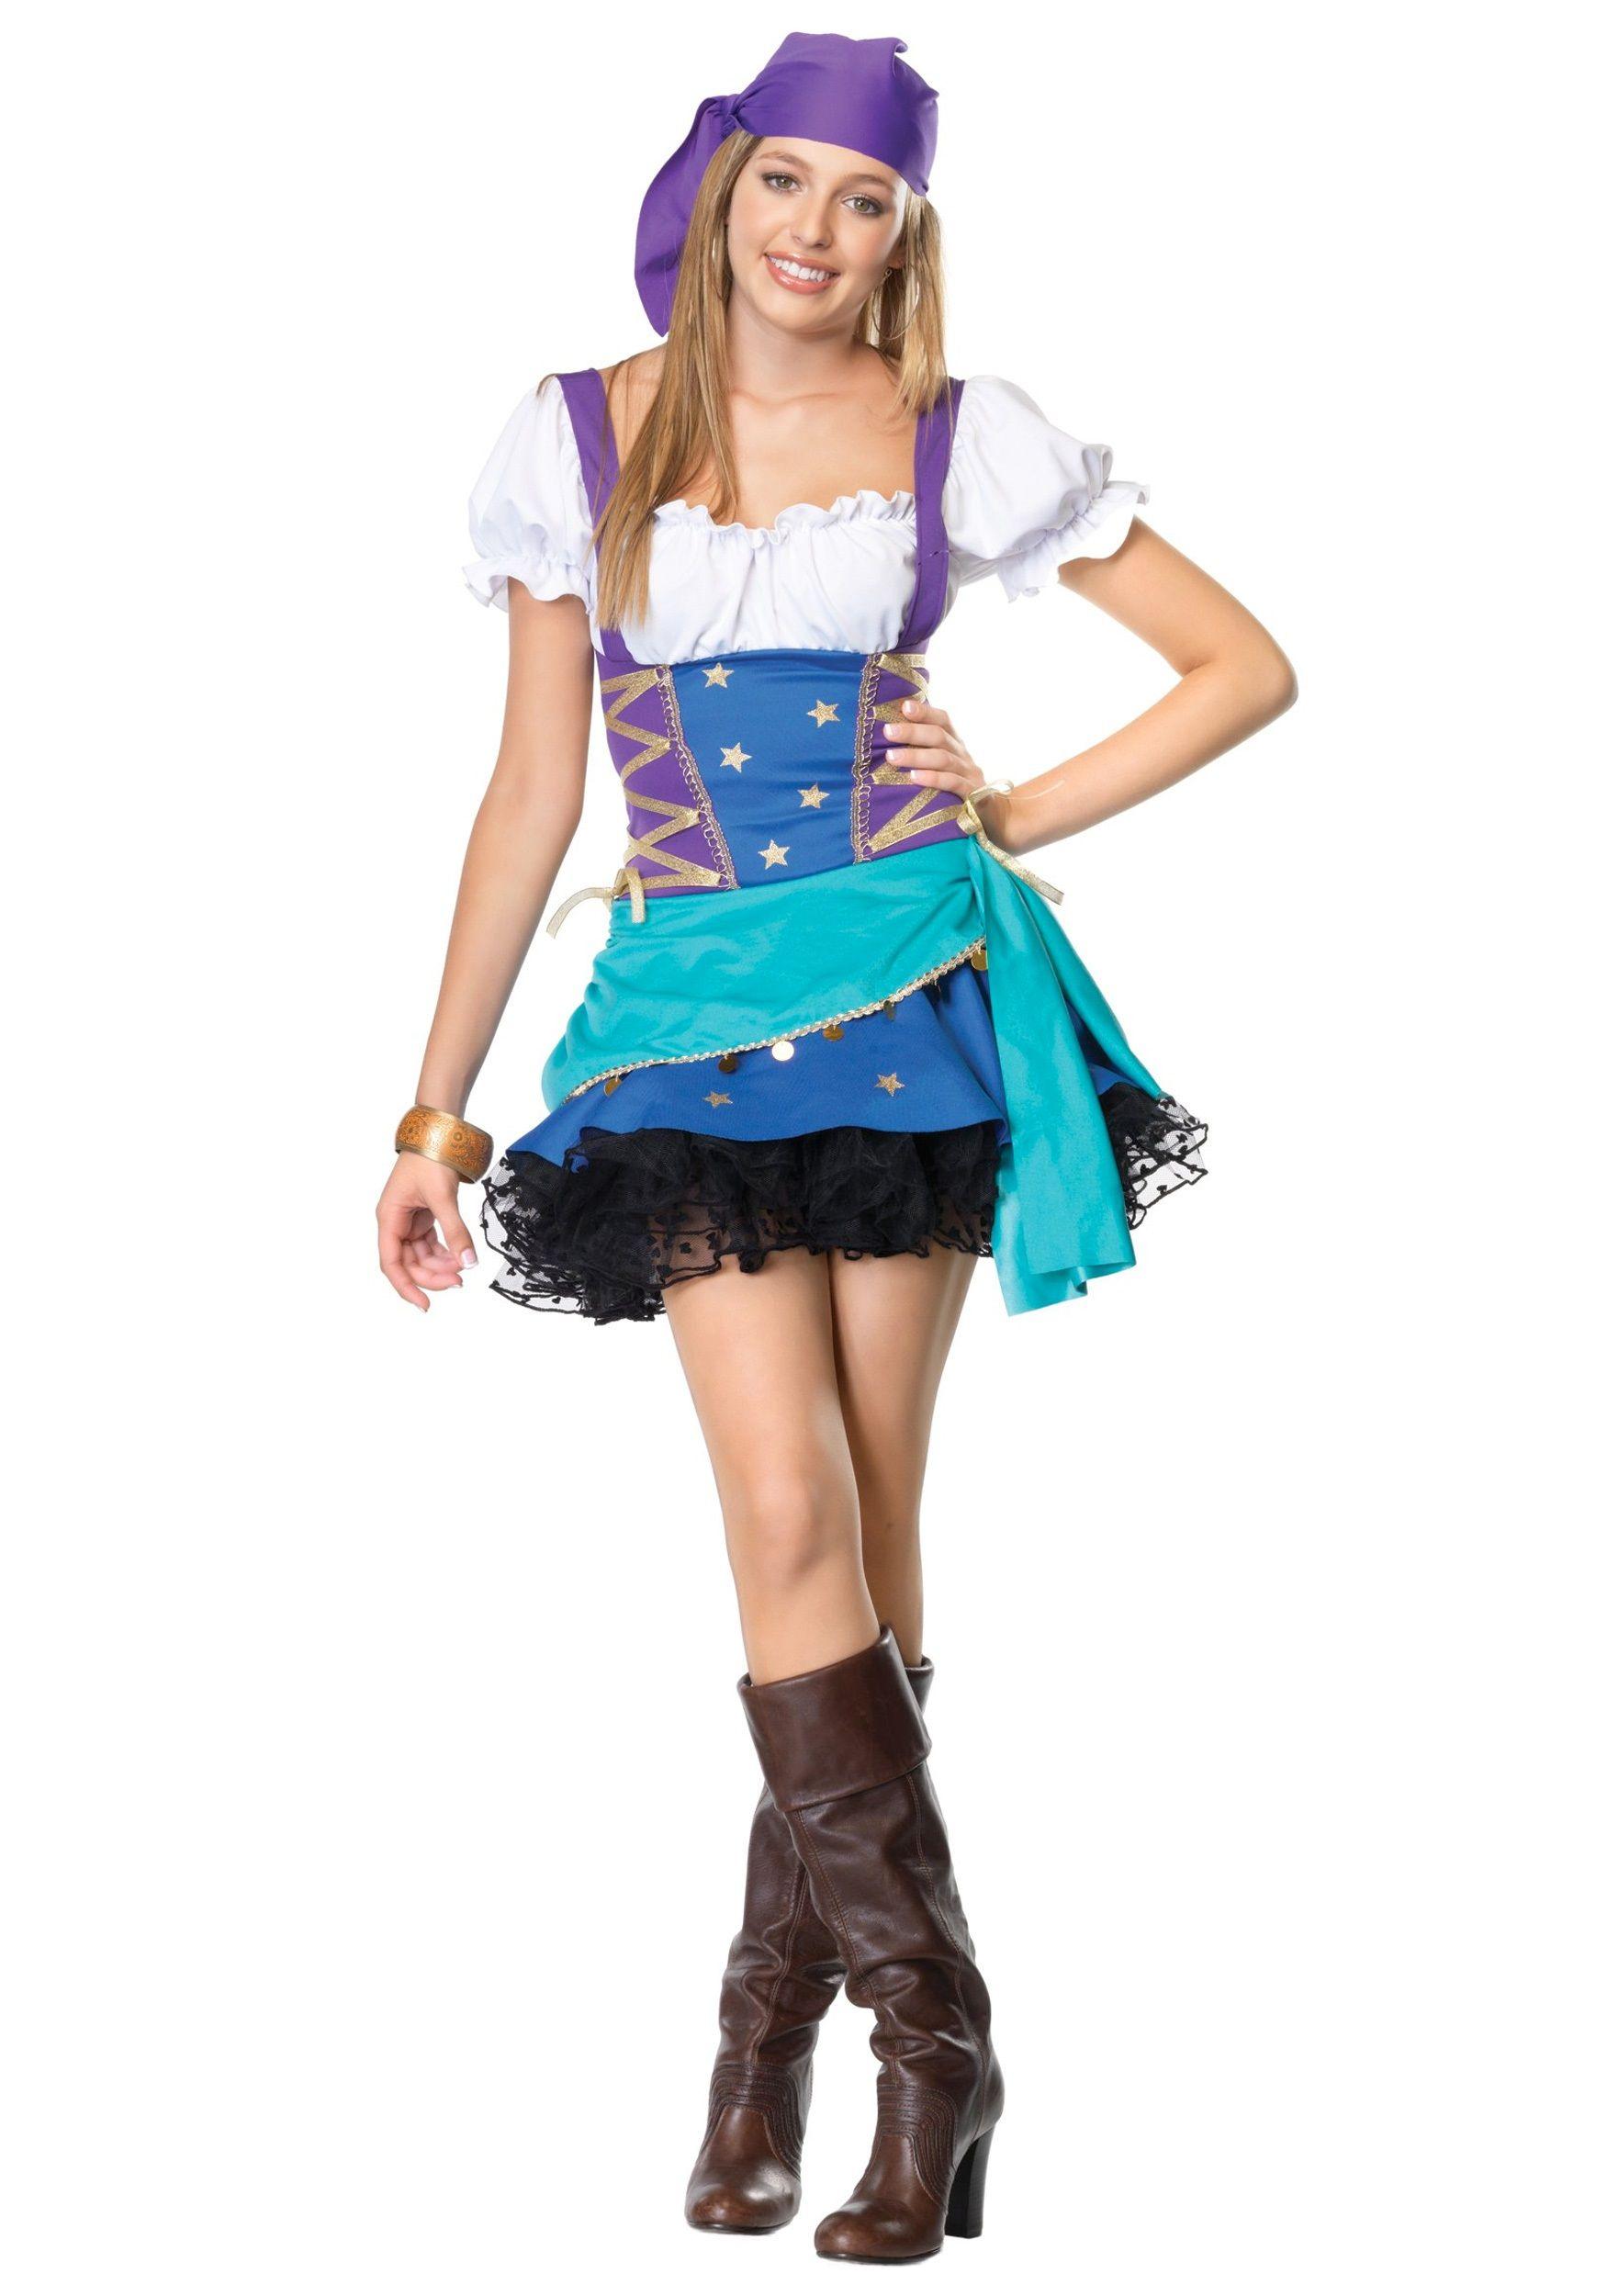 Costume for teen girls teen girl halloween costume ideas costumes 4 girls pinterest - Costume halloween fille ...